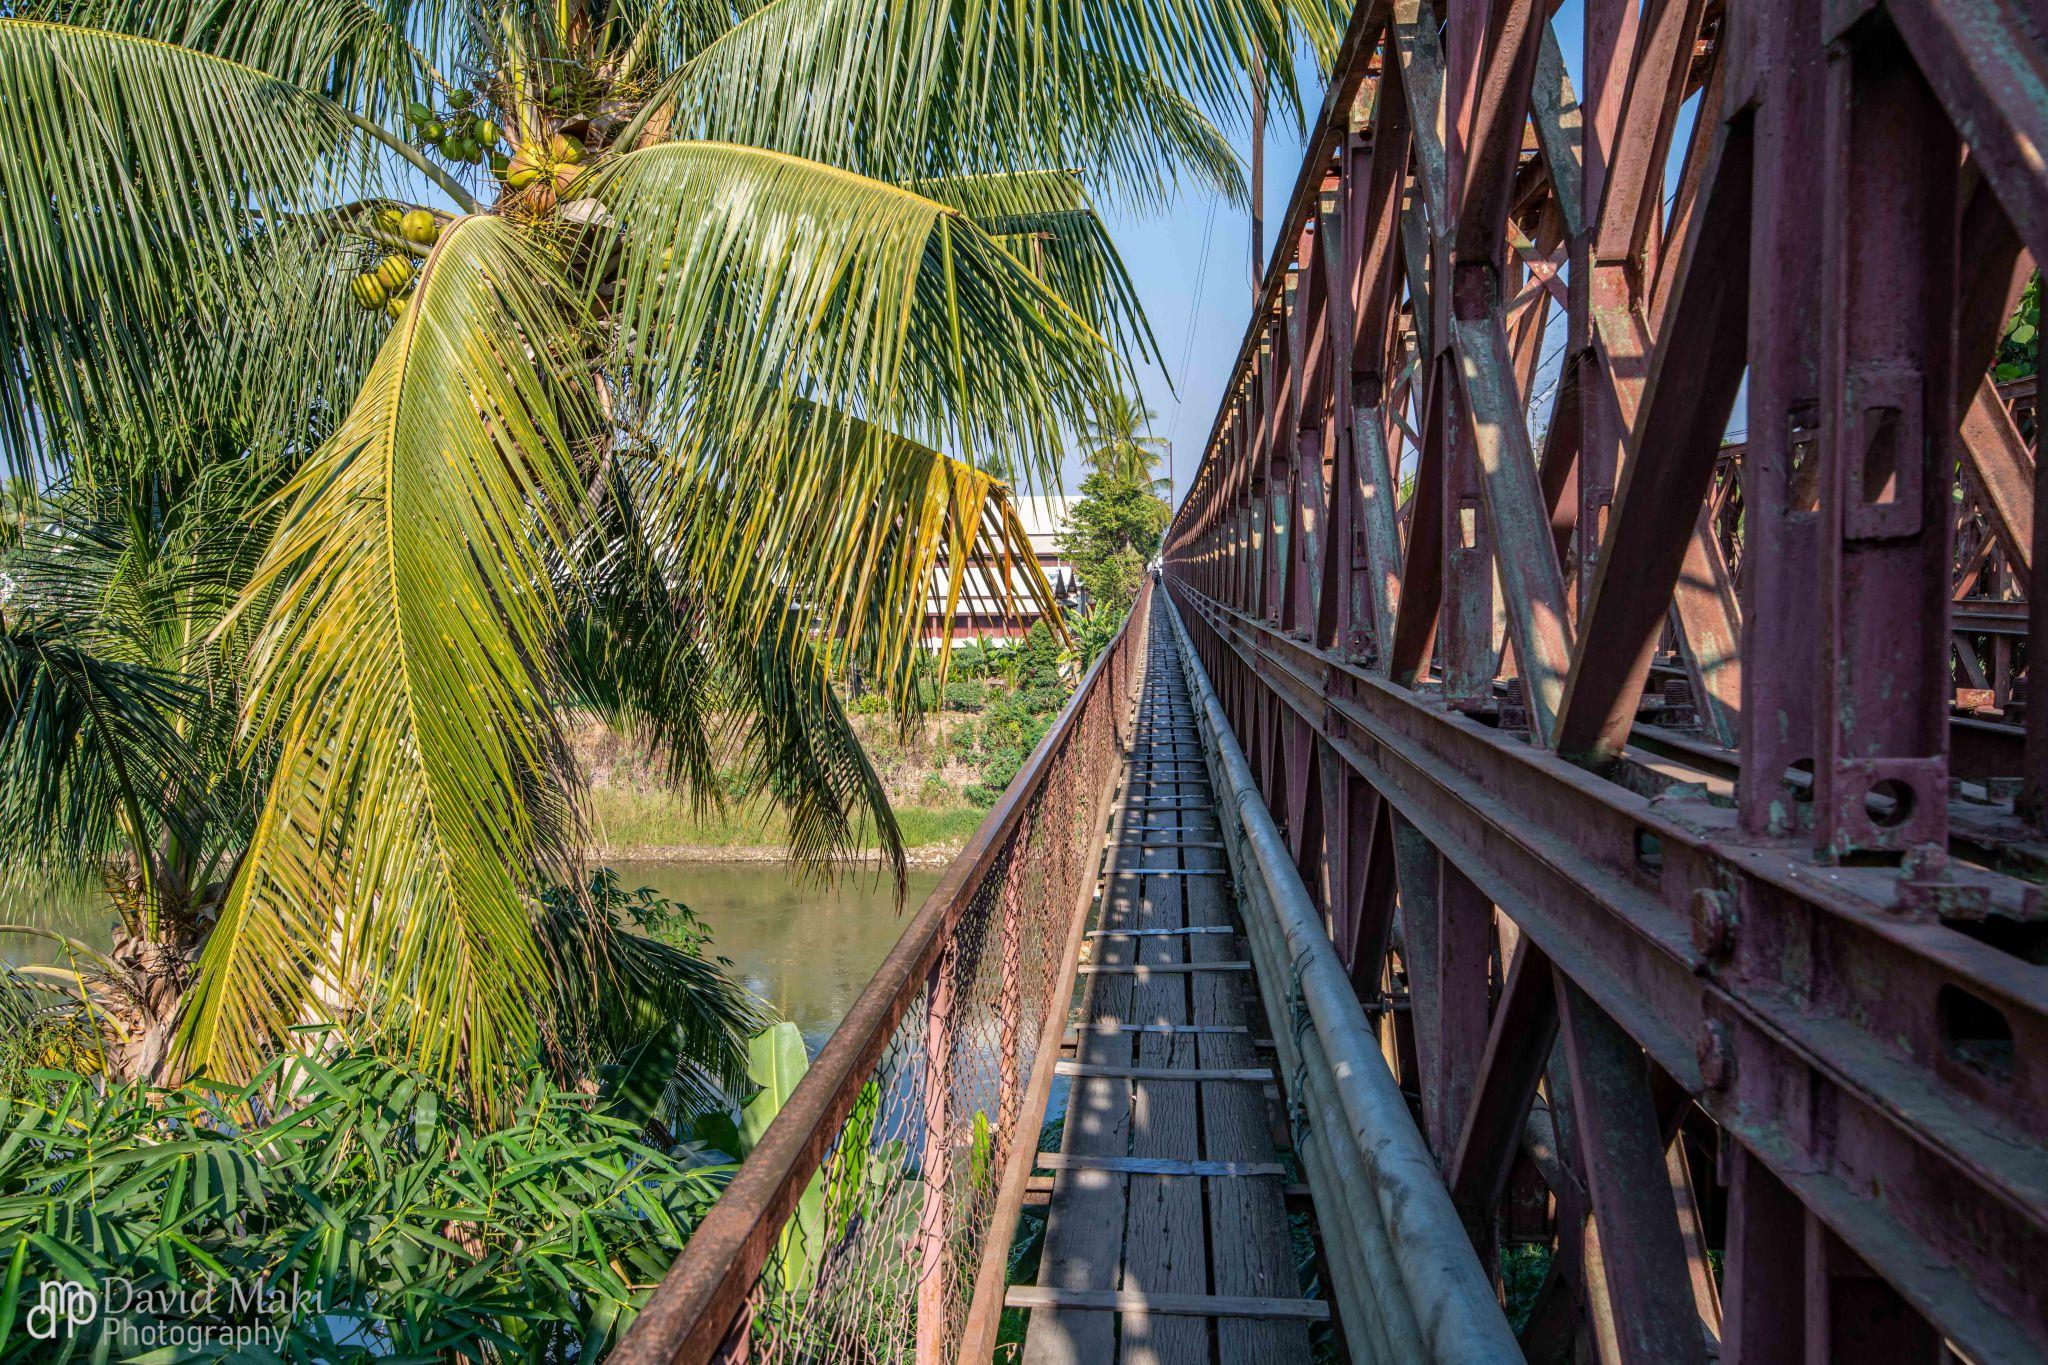 French Bridge in Luang Prabang, Lao